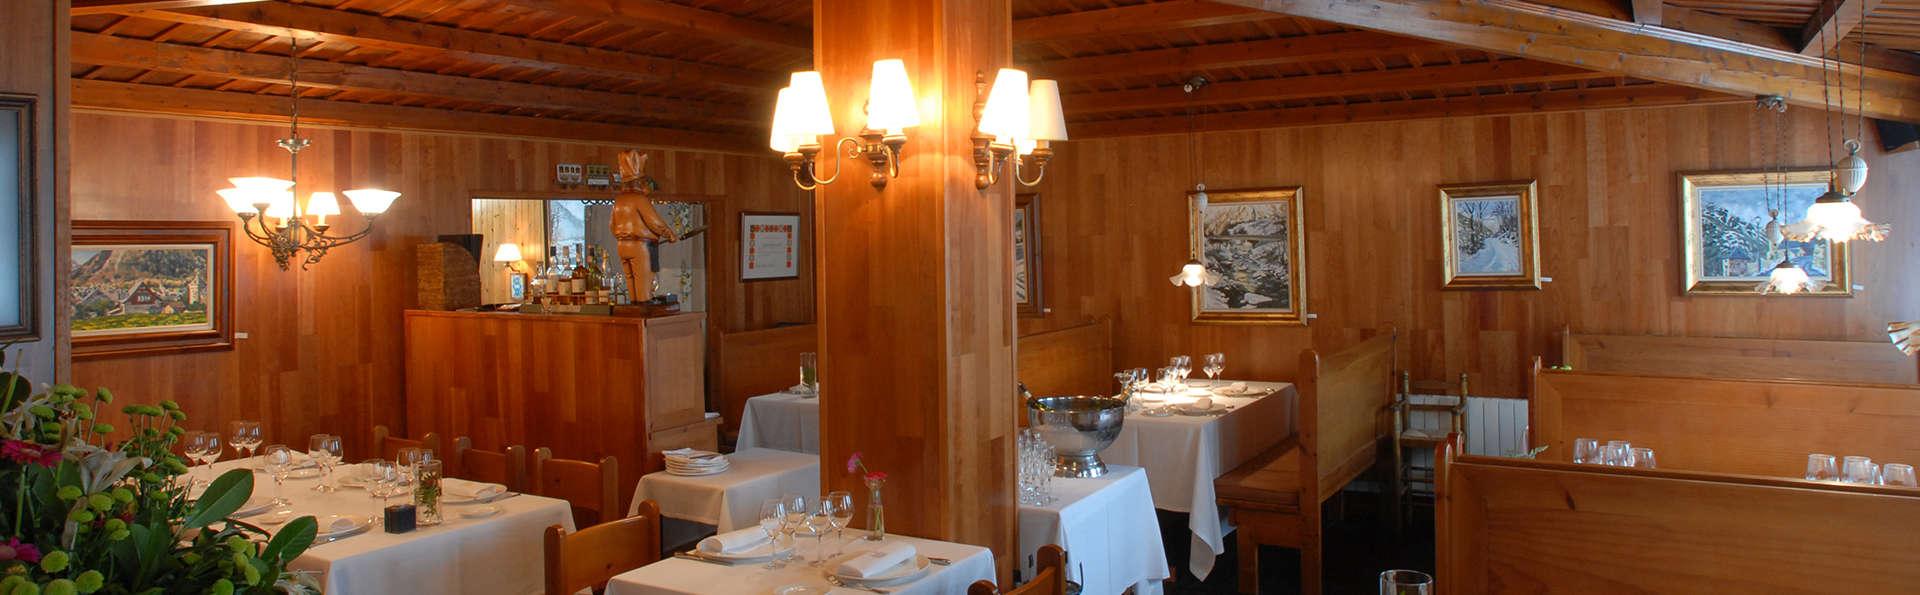 Week-end détente et gourmet au coeur des Pyrénées catalanes